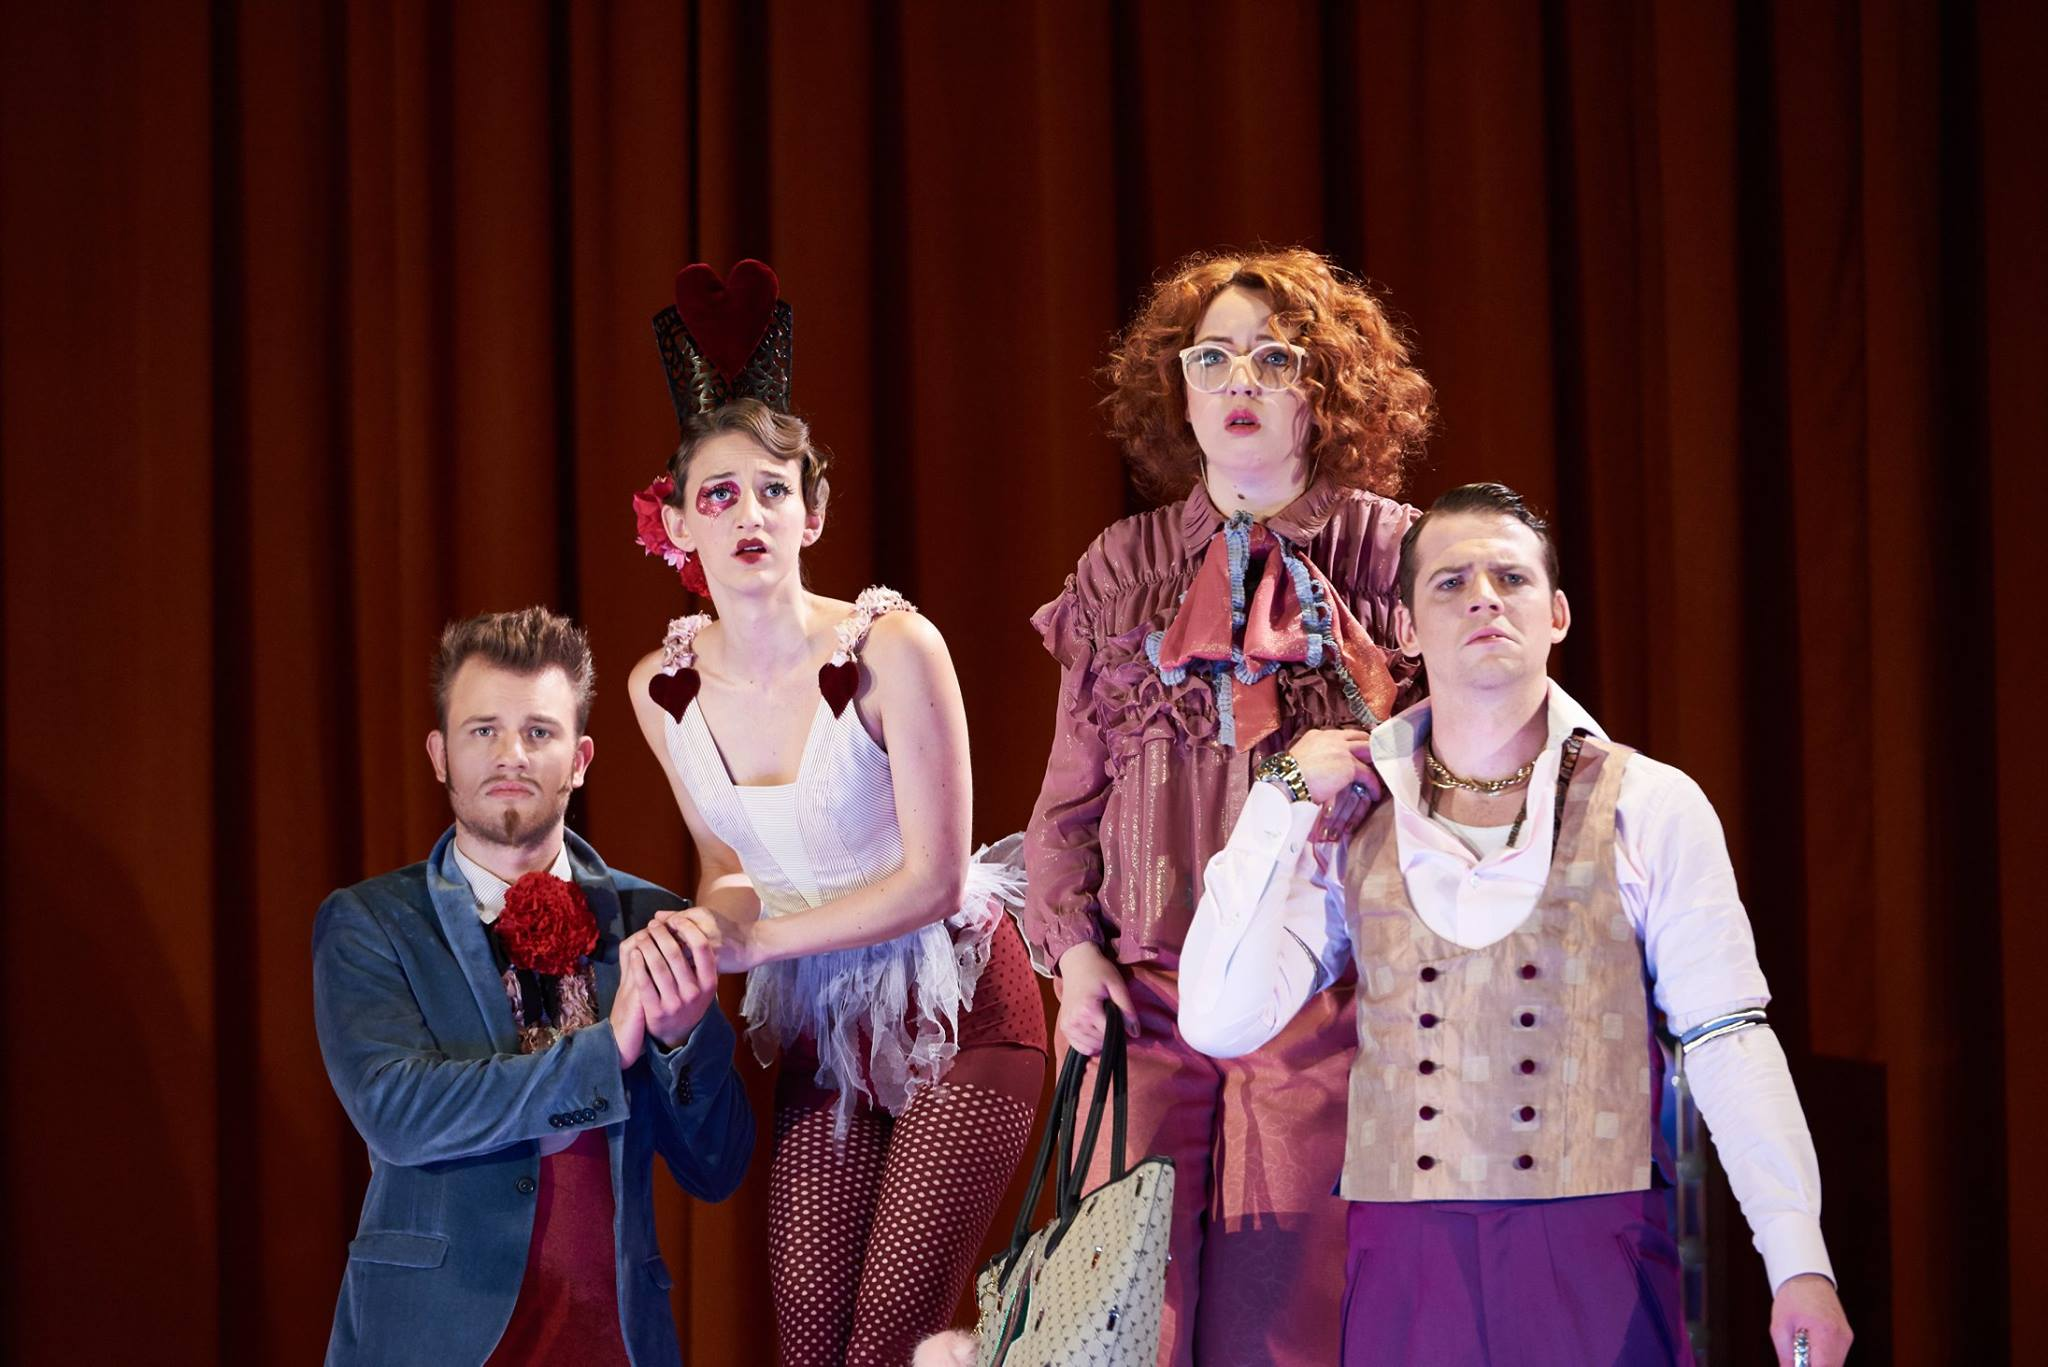 Herr Eiler | Der Schauspieldirektor | Salzburger Festspiele YSP 2017 | © Matthias Baus